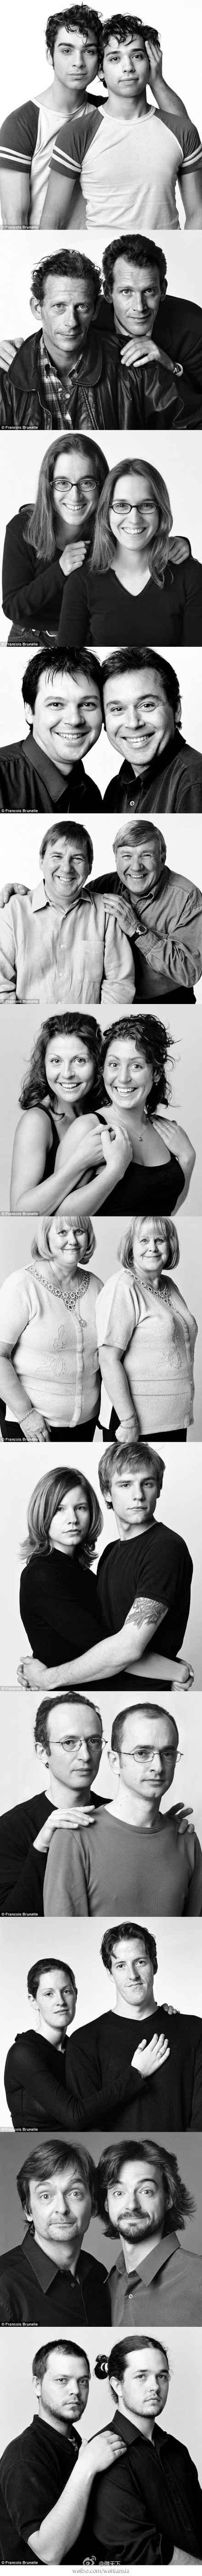 【孪生照?非也!】下面这些照片,每一张上的两个人都很像,但如果你以为他们是双胞胎,那就错了。他们不但没有血缘关系,而且互不相识。照片拍摄者是来自加拿大的摄影师布鲁内尔,1968年开始摄影以来,他就注意研究人脸,现在他正进行一项别致的摄影活动,对象就是这些相貌相似的陌生人。